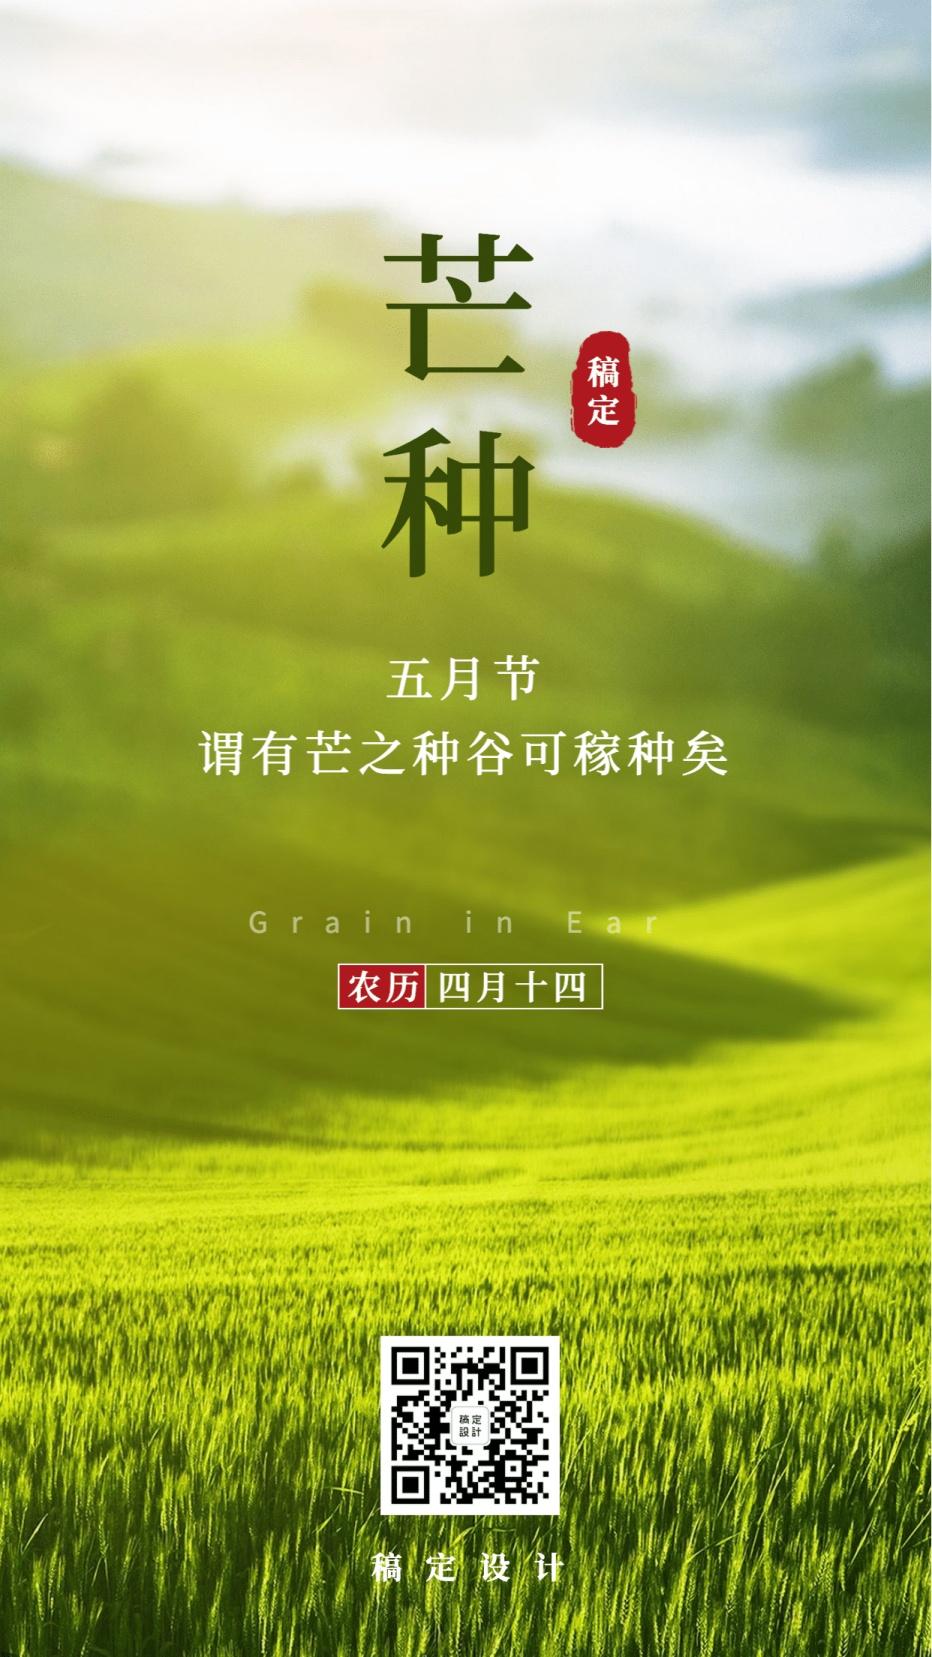 芒种节气稻田清新实景手机海报